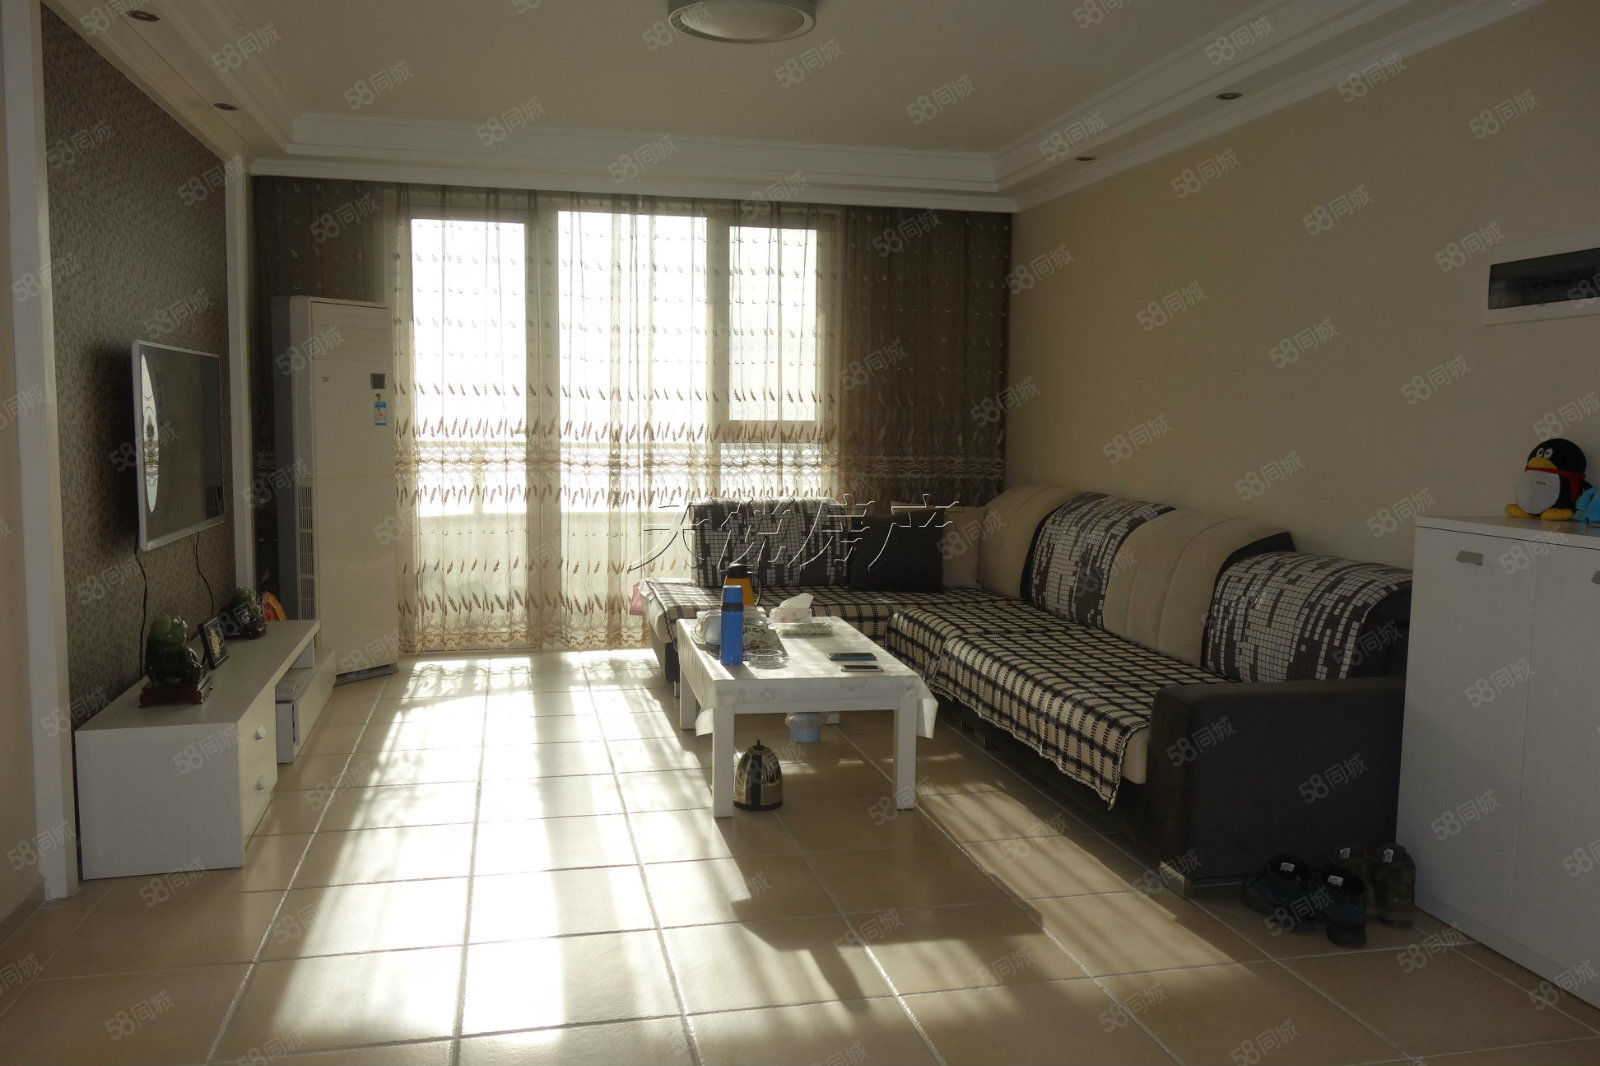 山海同灣板樓三居室,南北通透戶型,三室兩廳兩衛,另有白金海